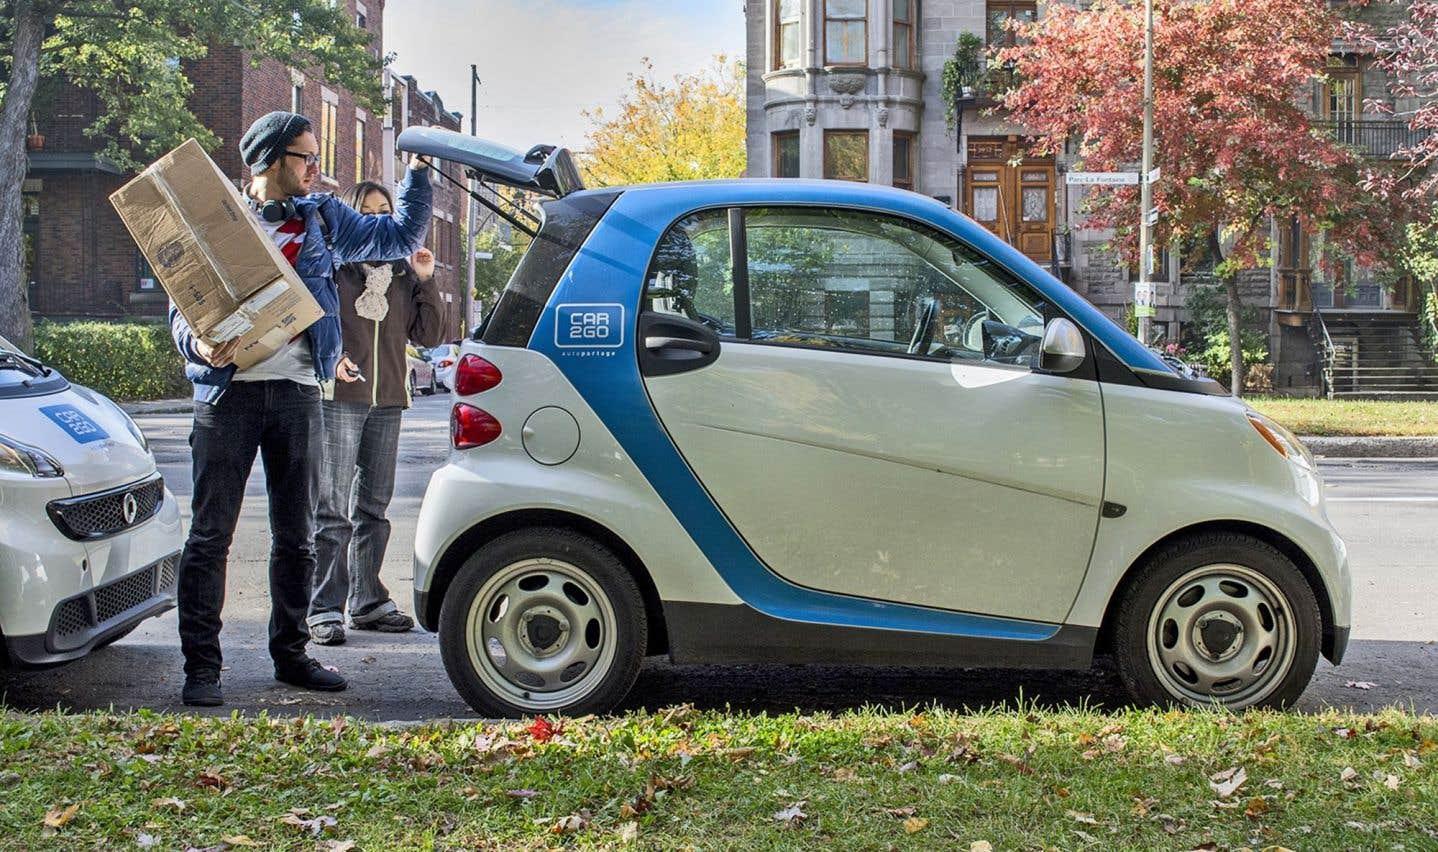 Pour les acteurs de l'industrie de l'autopartage — comme Car2go — la voiture autonome permettrait de rejoindre de nouveaux adeptes. Selon une vaste étude, chaque voiture partagée permet d'enlever de 7 à 11 voitures sur les routes.